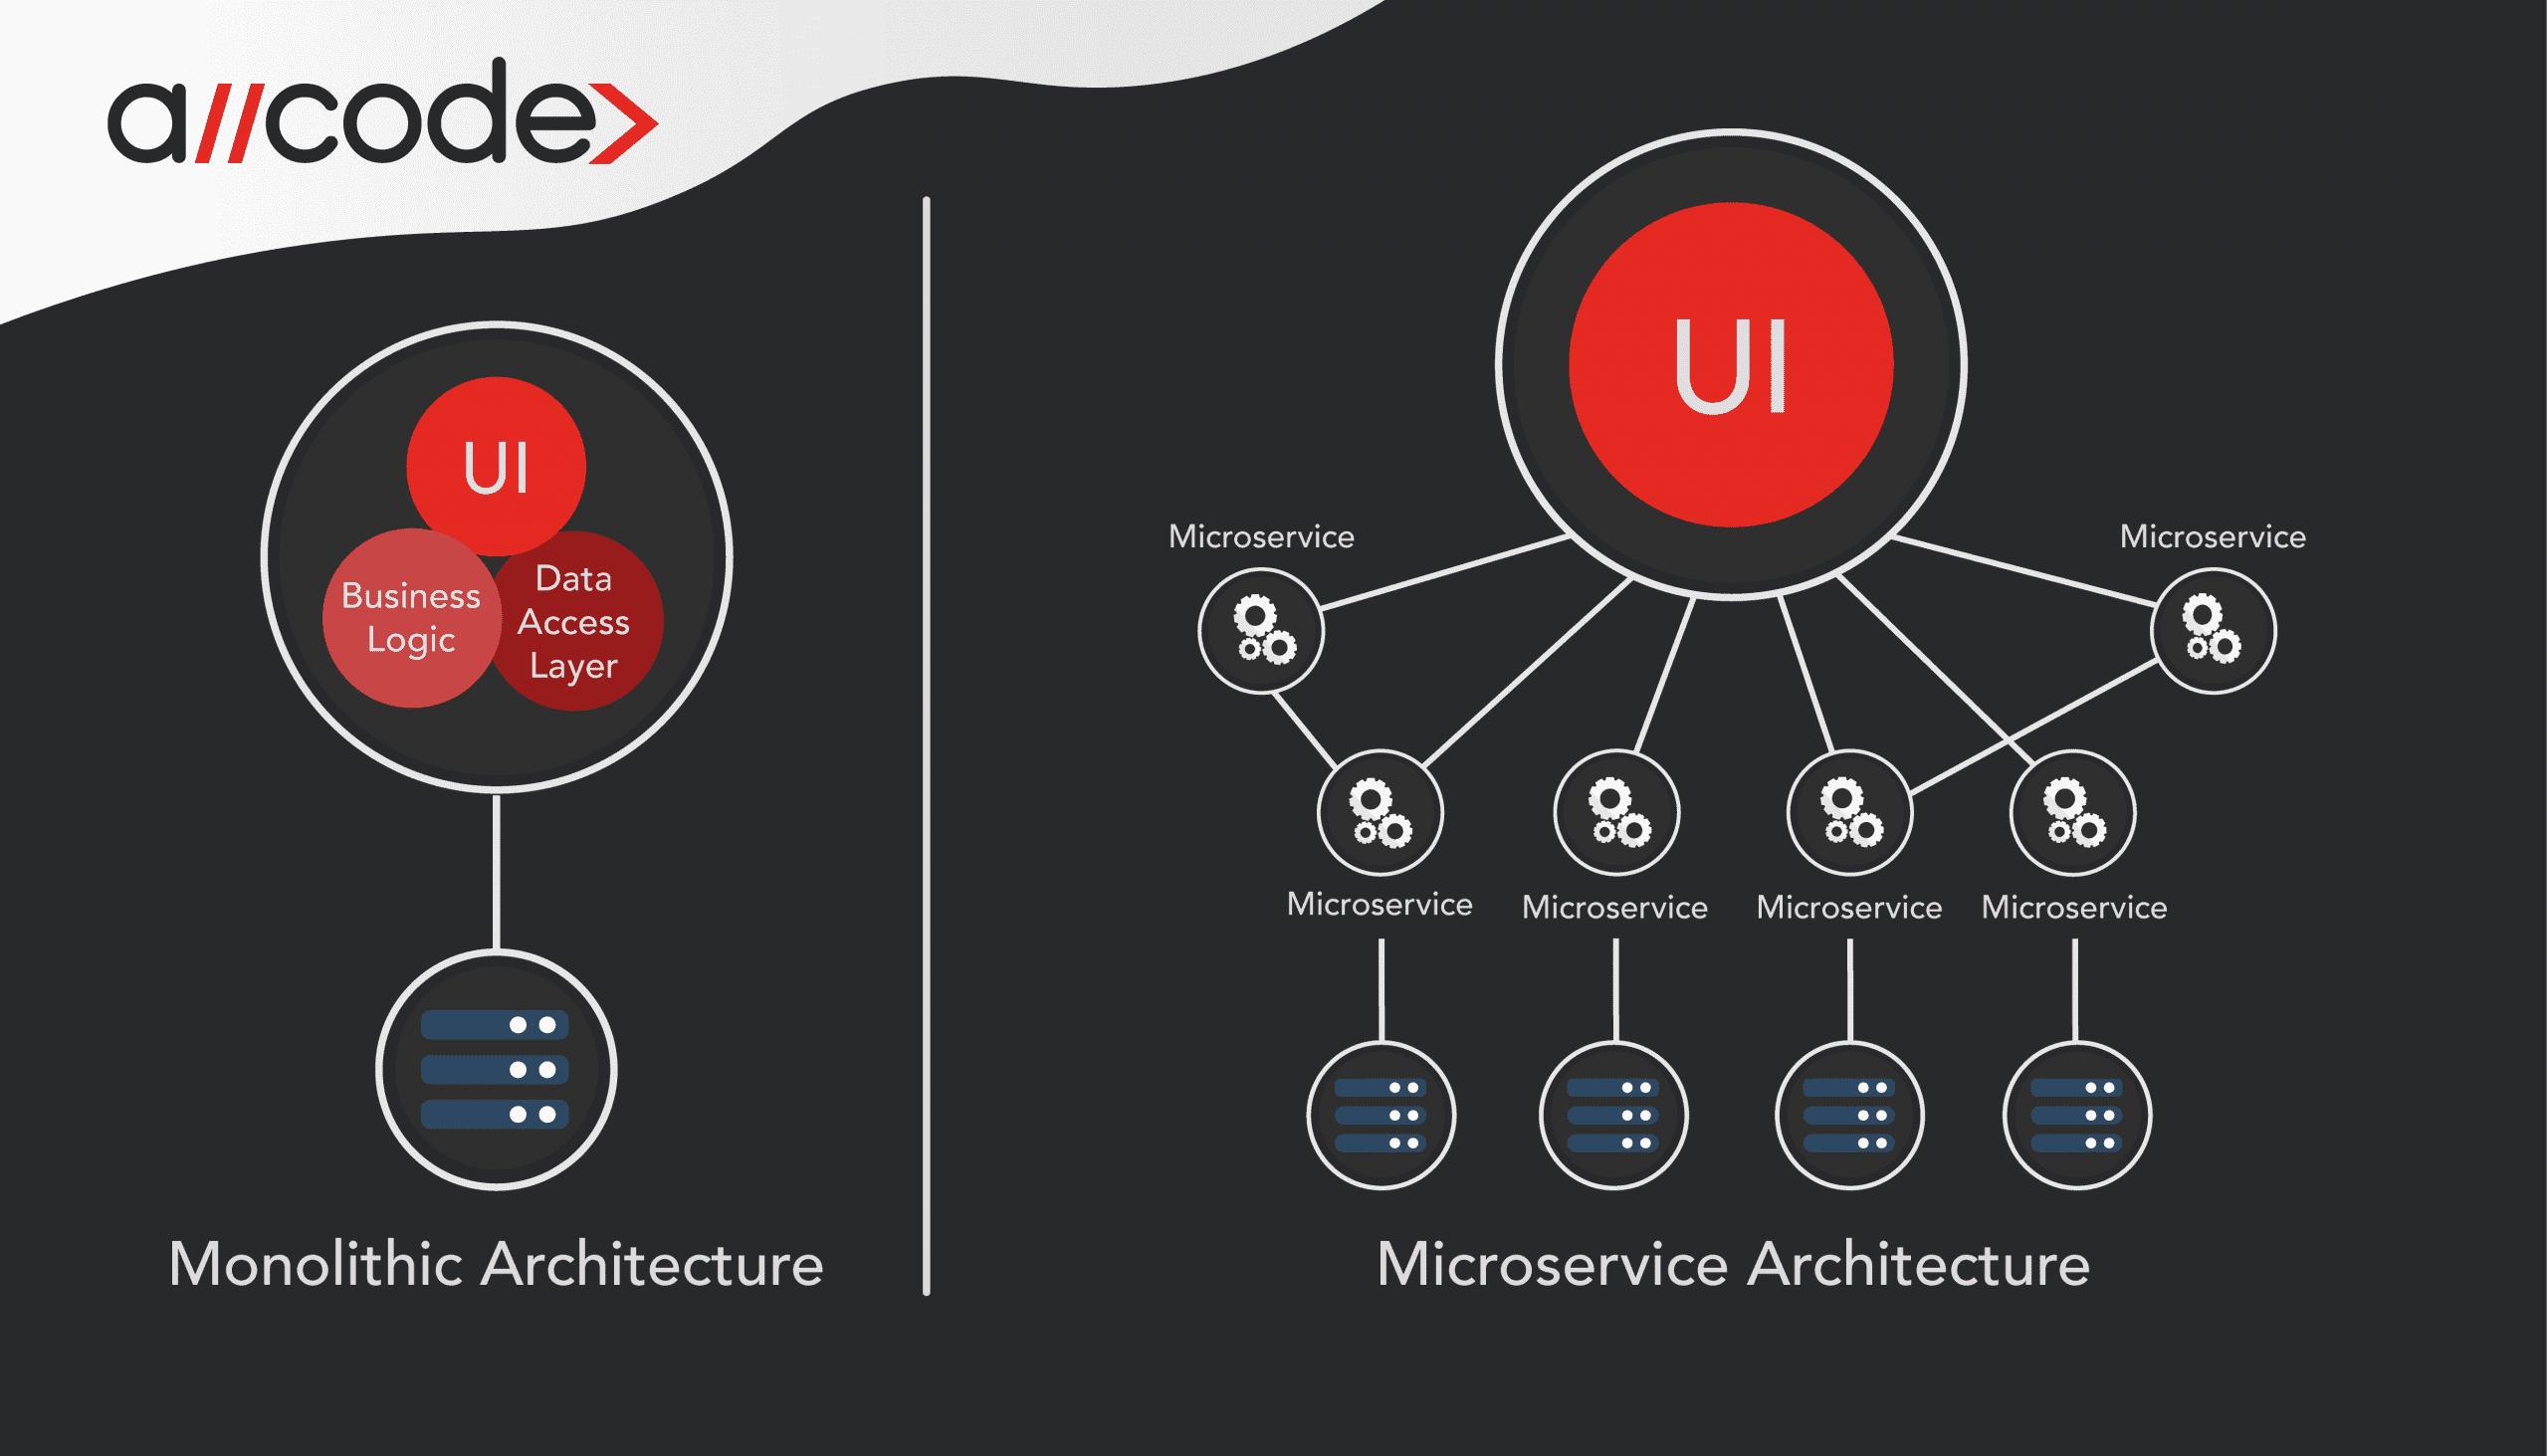 AllCode Monolithic vs Microservices Architecture